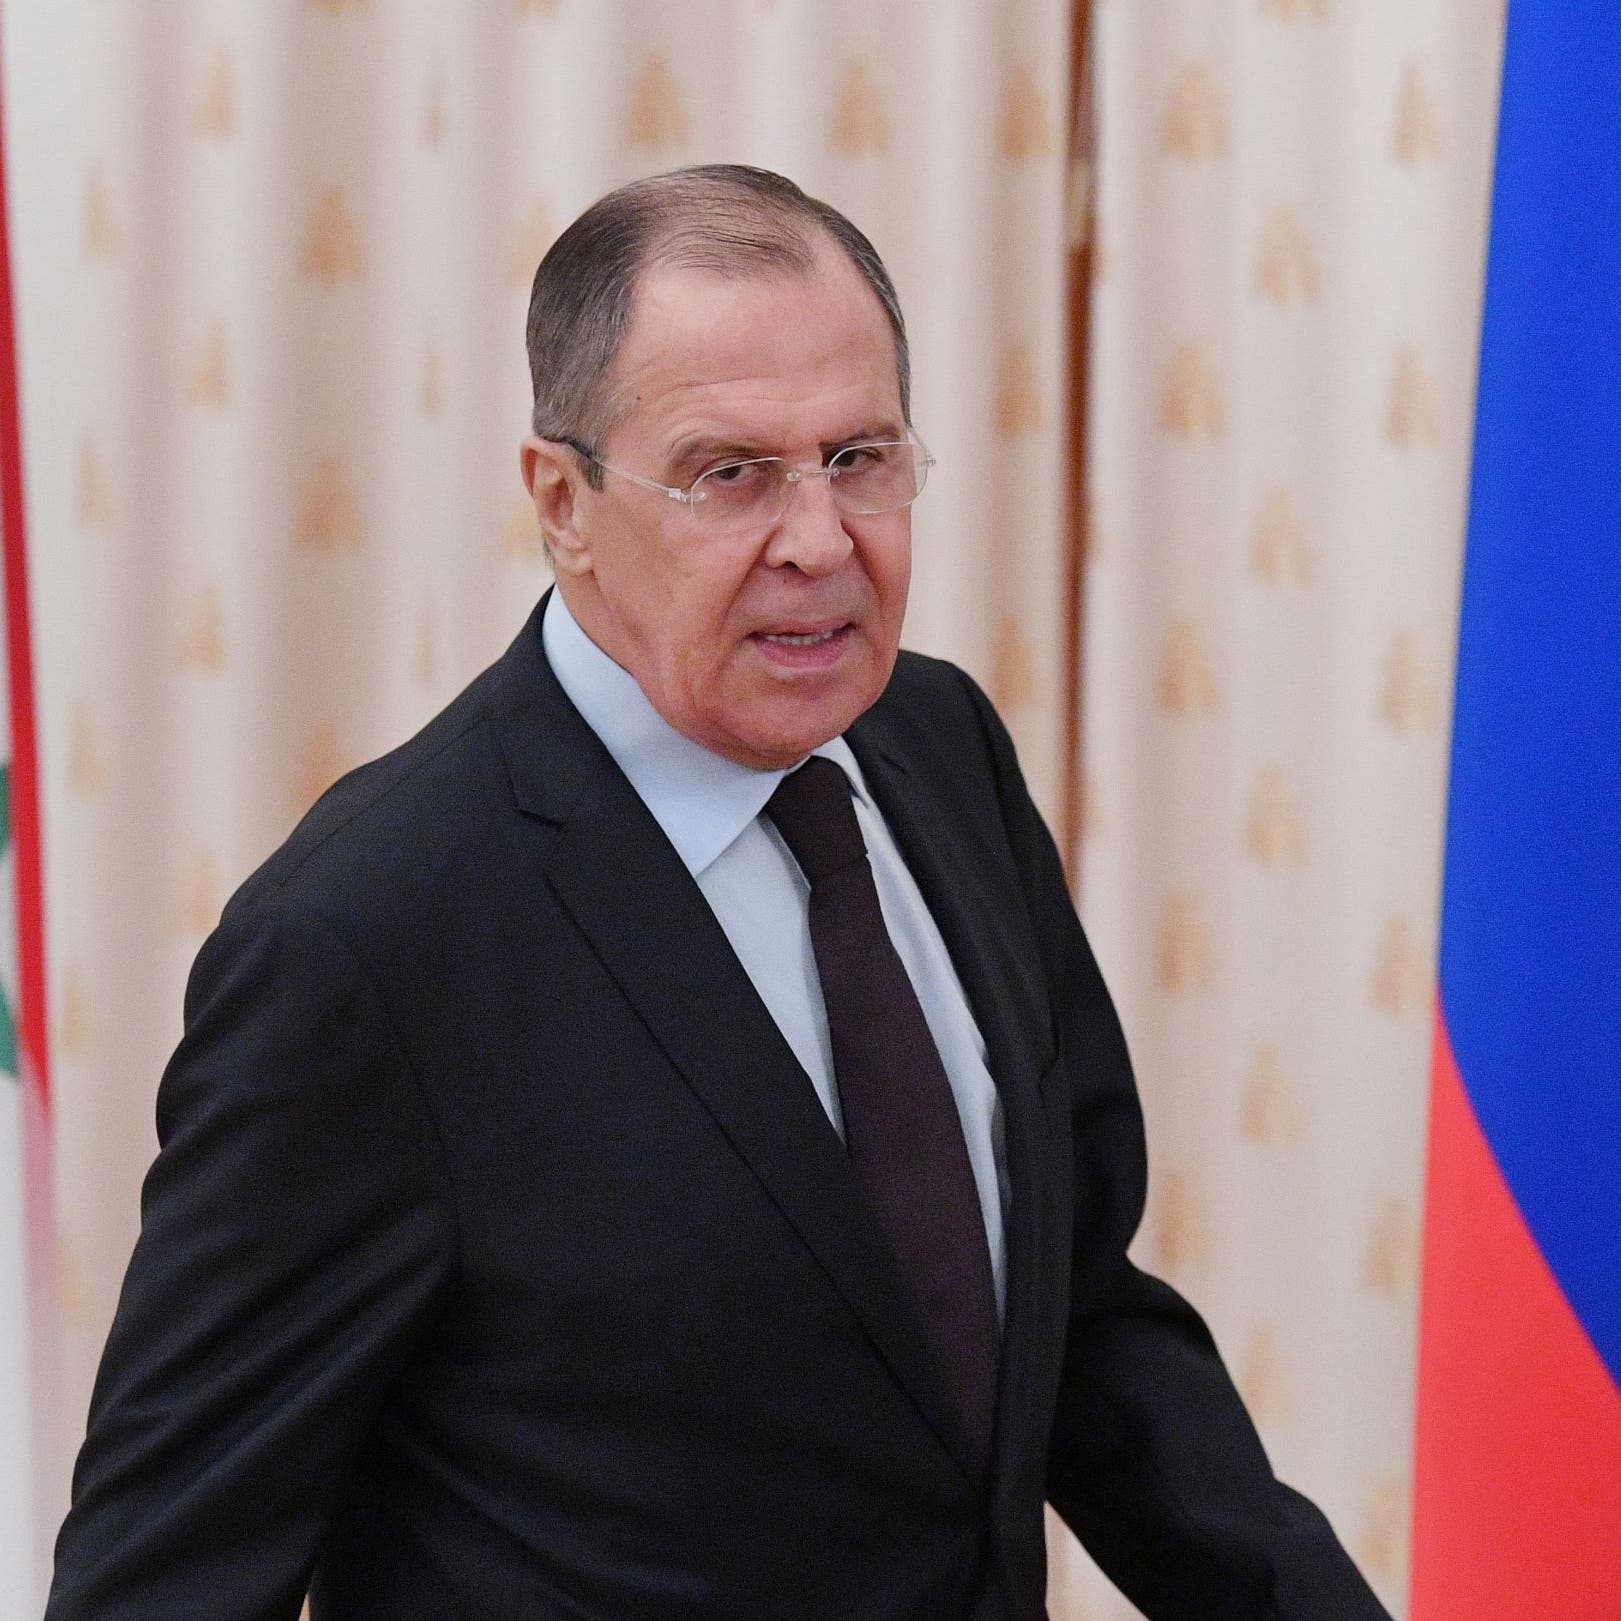 لافروف: علاقة موسكو وواشنطن أسوأ مما كانت في الحرب الباردة